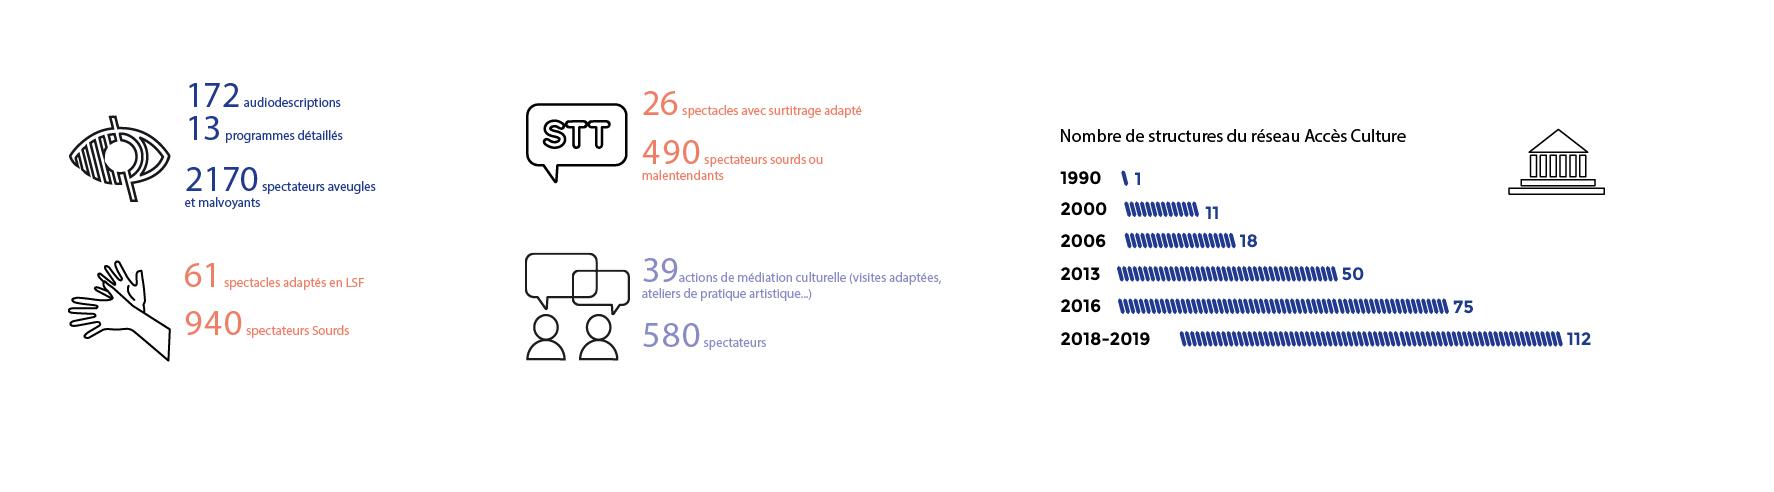 En 2019, l'association Accès Culture a mis en place 172 représentations avec audiodescription en France pour 2170 spectateurs aveugles et malvoyantes, 61 représentations adaptées en LSF pour 940 spectateurs Sourds et 26 représentations avec du survitrage adapté. L'association a également mis en place 39 actions de médiation culturelles (visites adaptées, ateliers de pratique artistique) pour 580 personnes aveugles, malvoyants, sourds et malentendants En 1990, 1 théâtre faisait partie du réseau Accès Culture. En 2000, on comptait 11 structures culturelles faisant partie du réseau Accès Culture ; en 2006, 18 ; en 2013, 50 ; en 2015, 73 et en 2019 112.